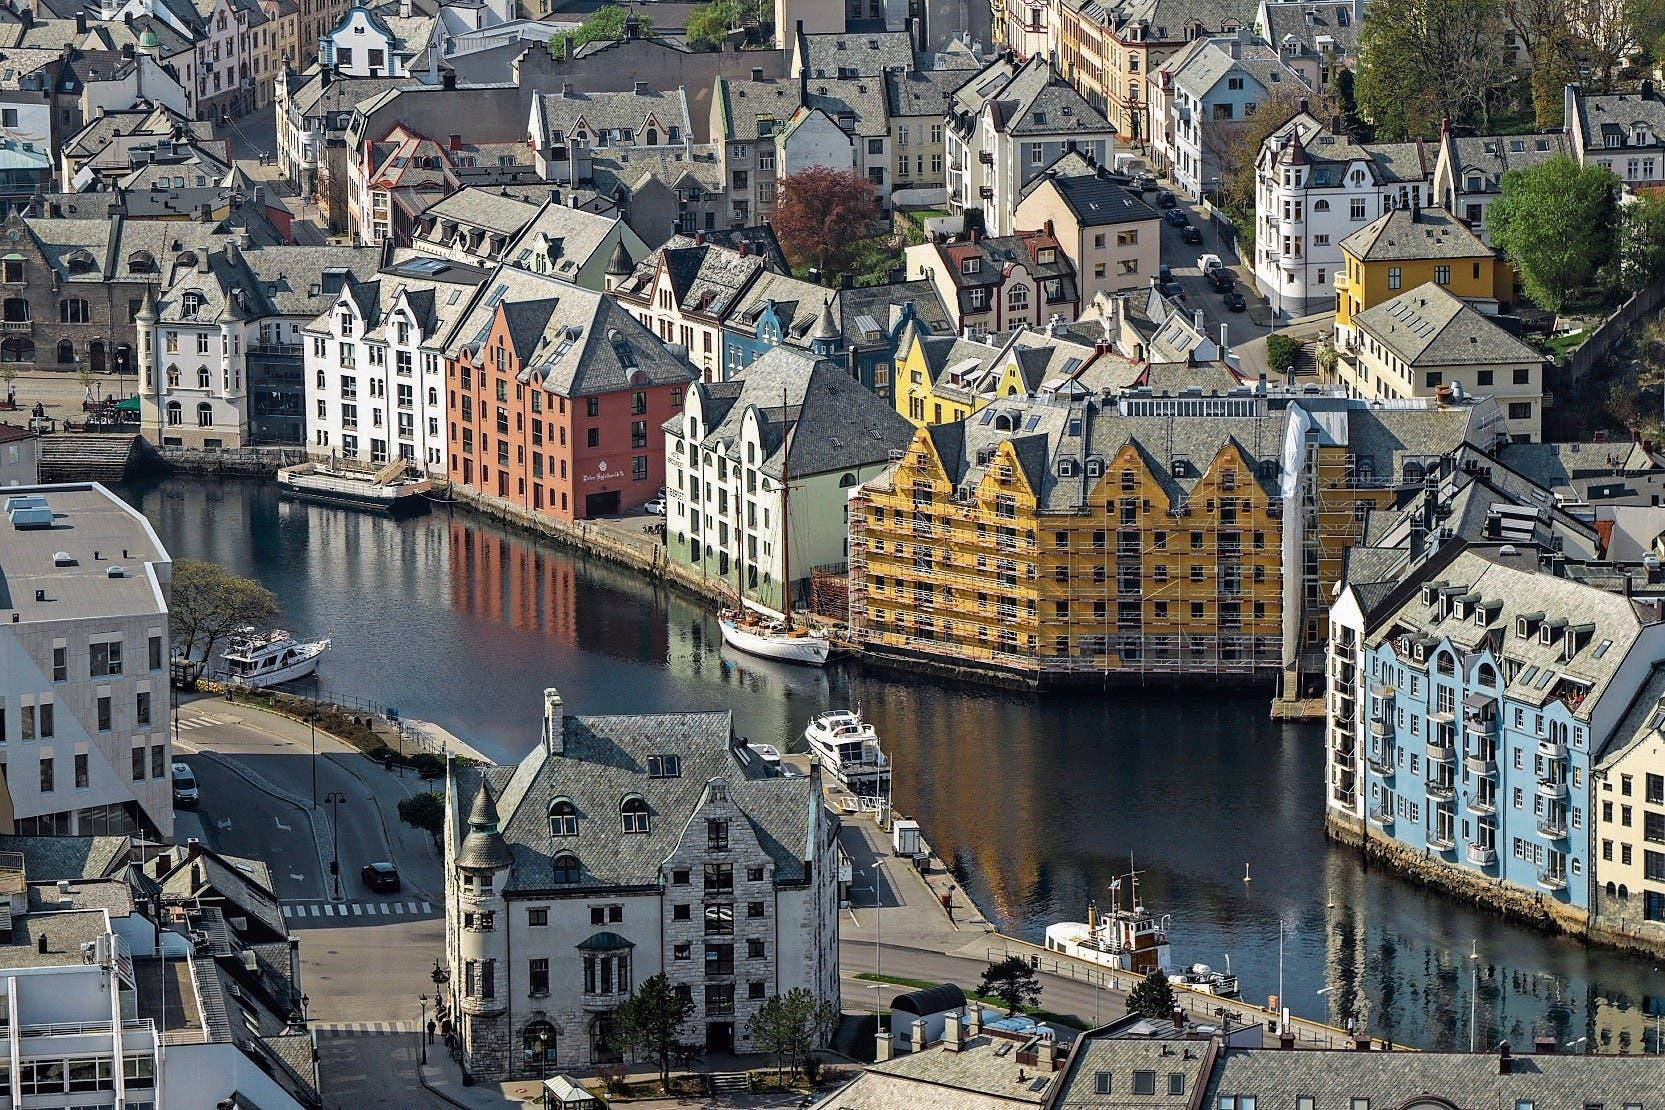 In der Hafenstadt Ålesund gibt es schöne Jugendstilarchitektur zu sehen.